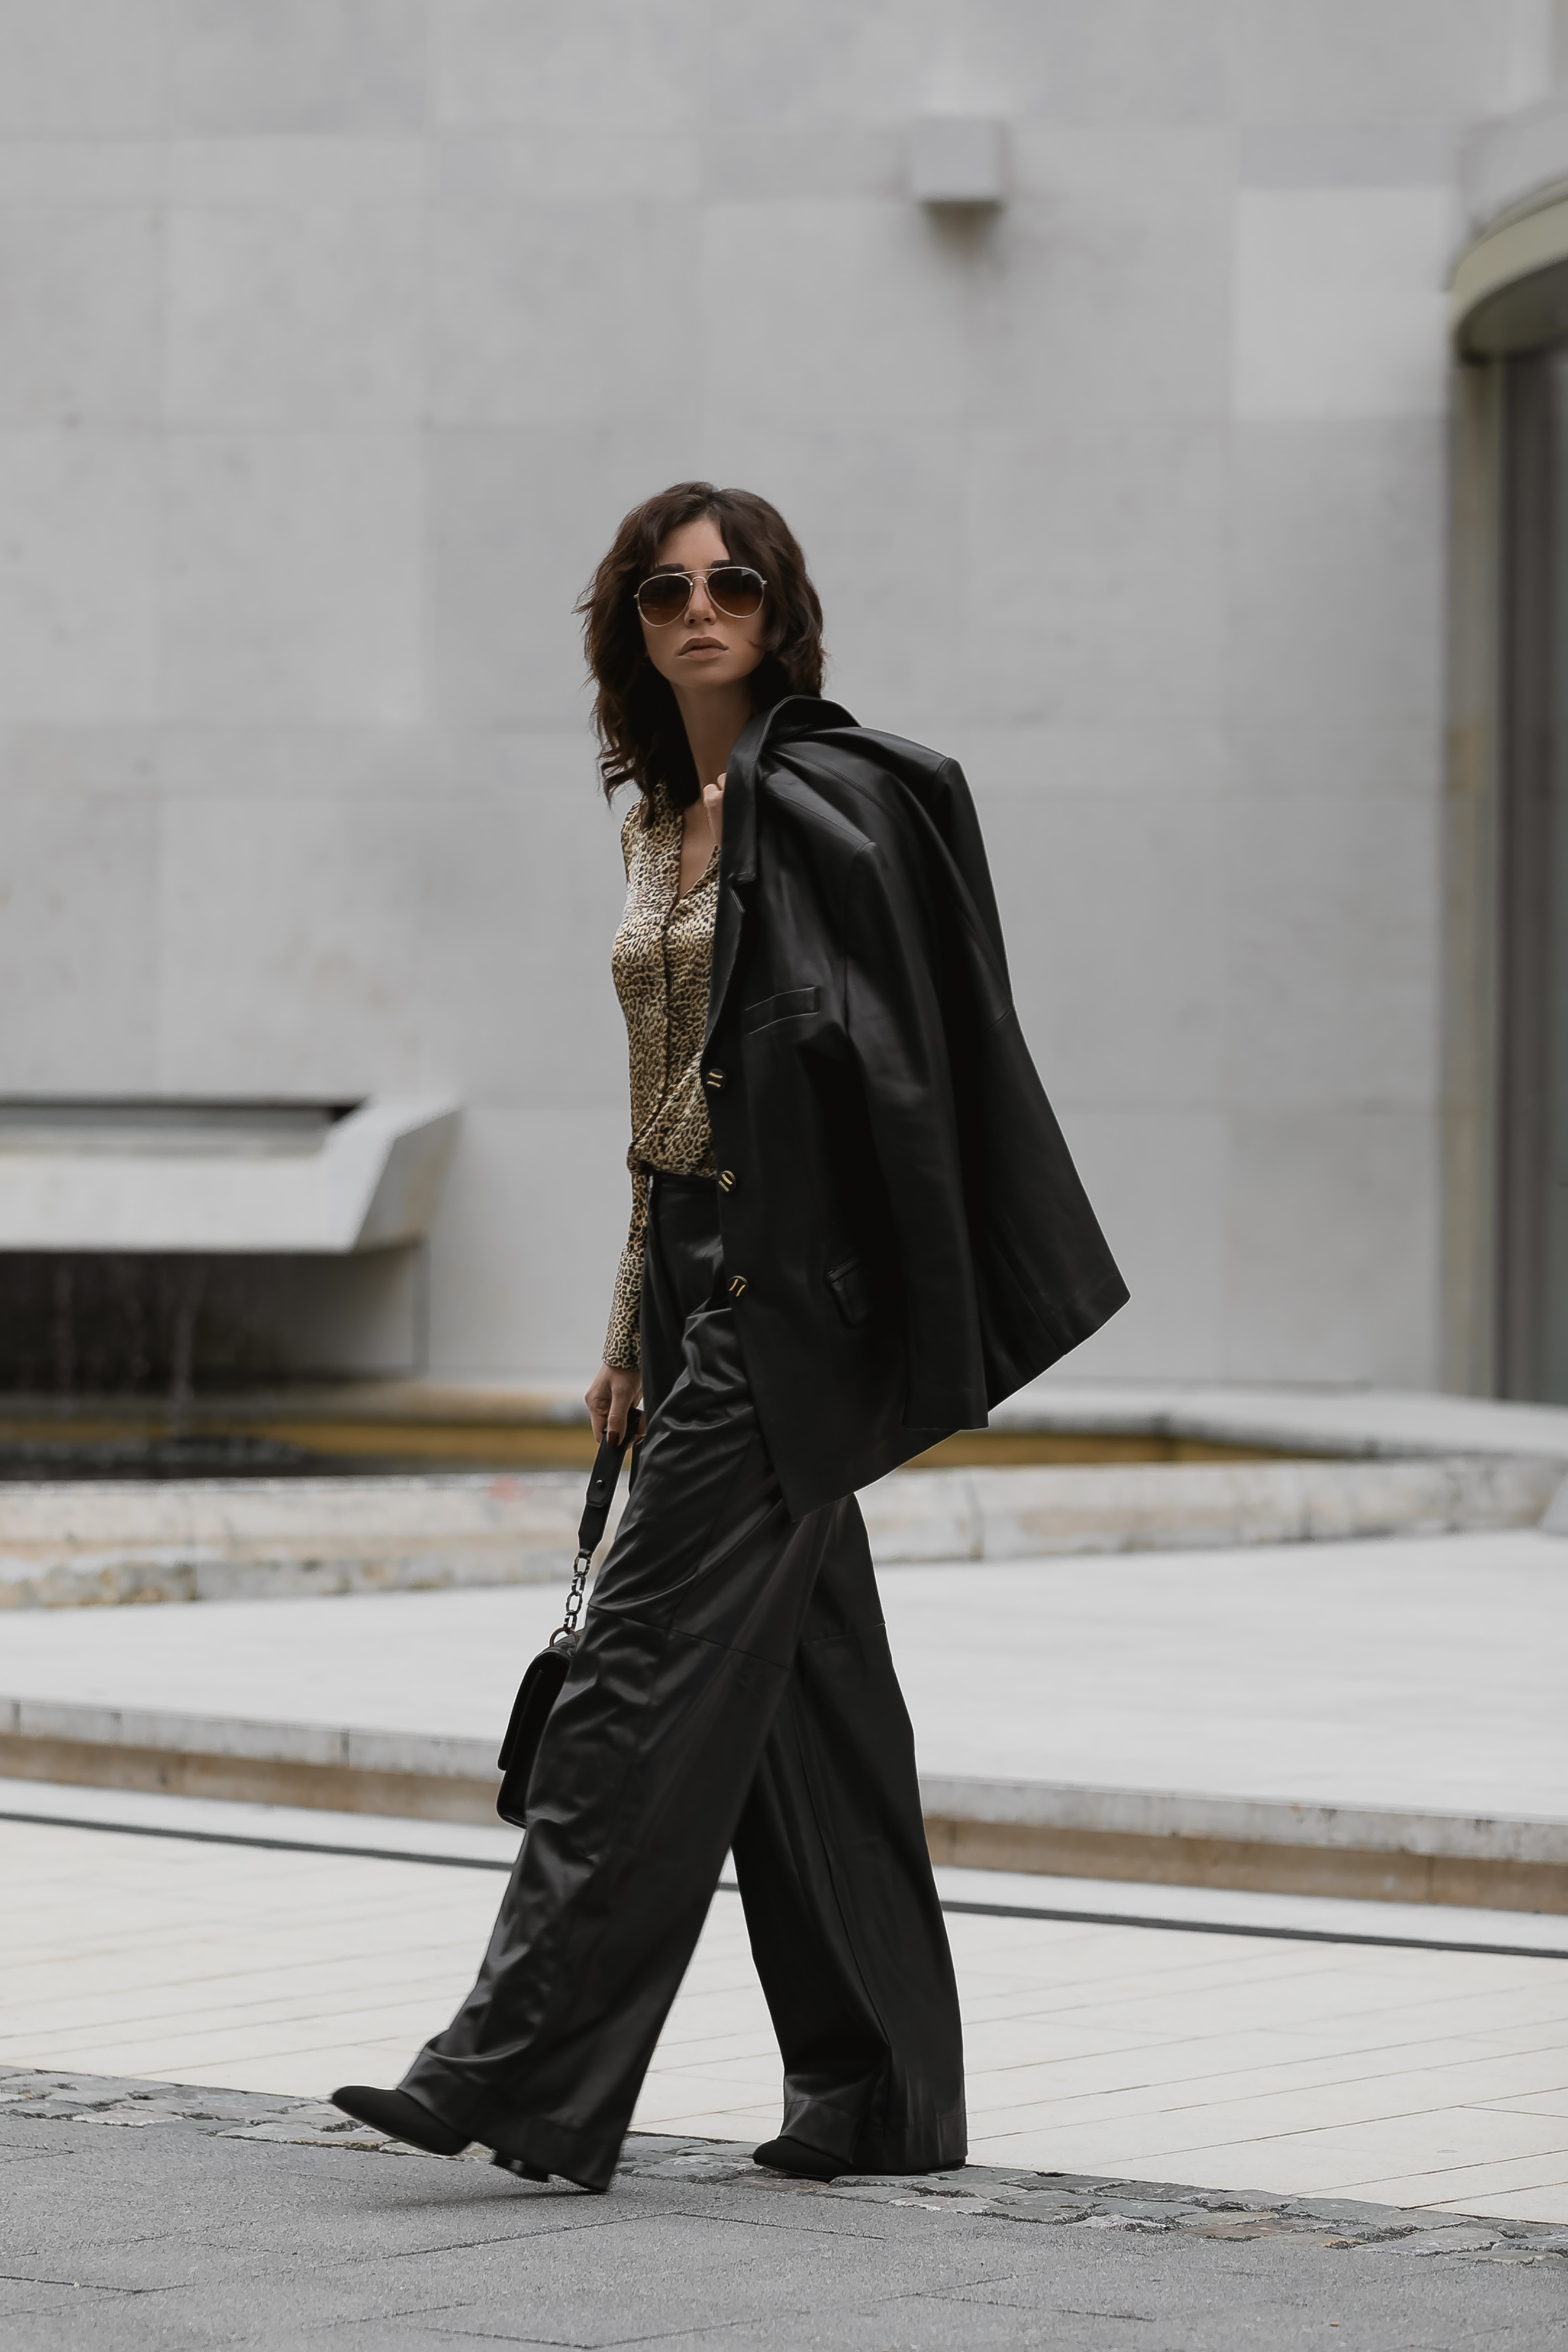 herbst-outfit-schwarz-lederhose-streetstyle-deutschland